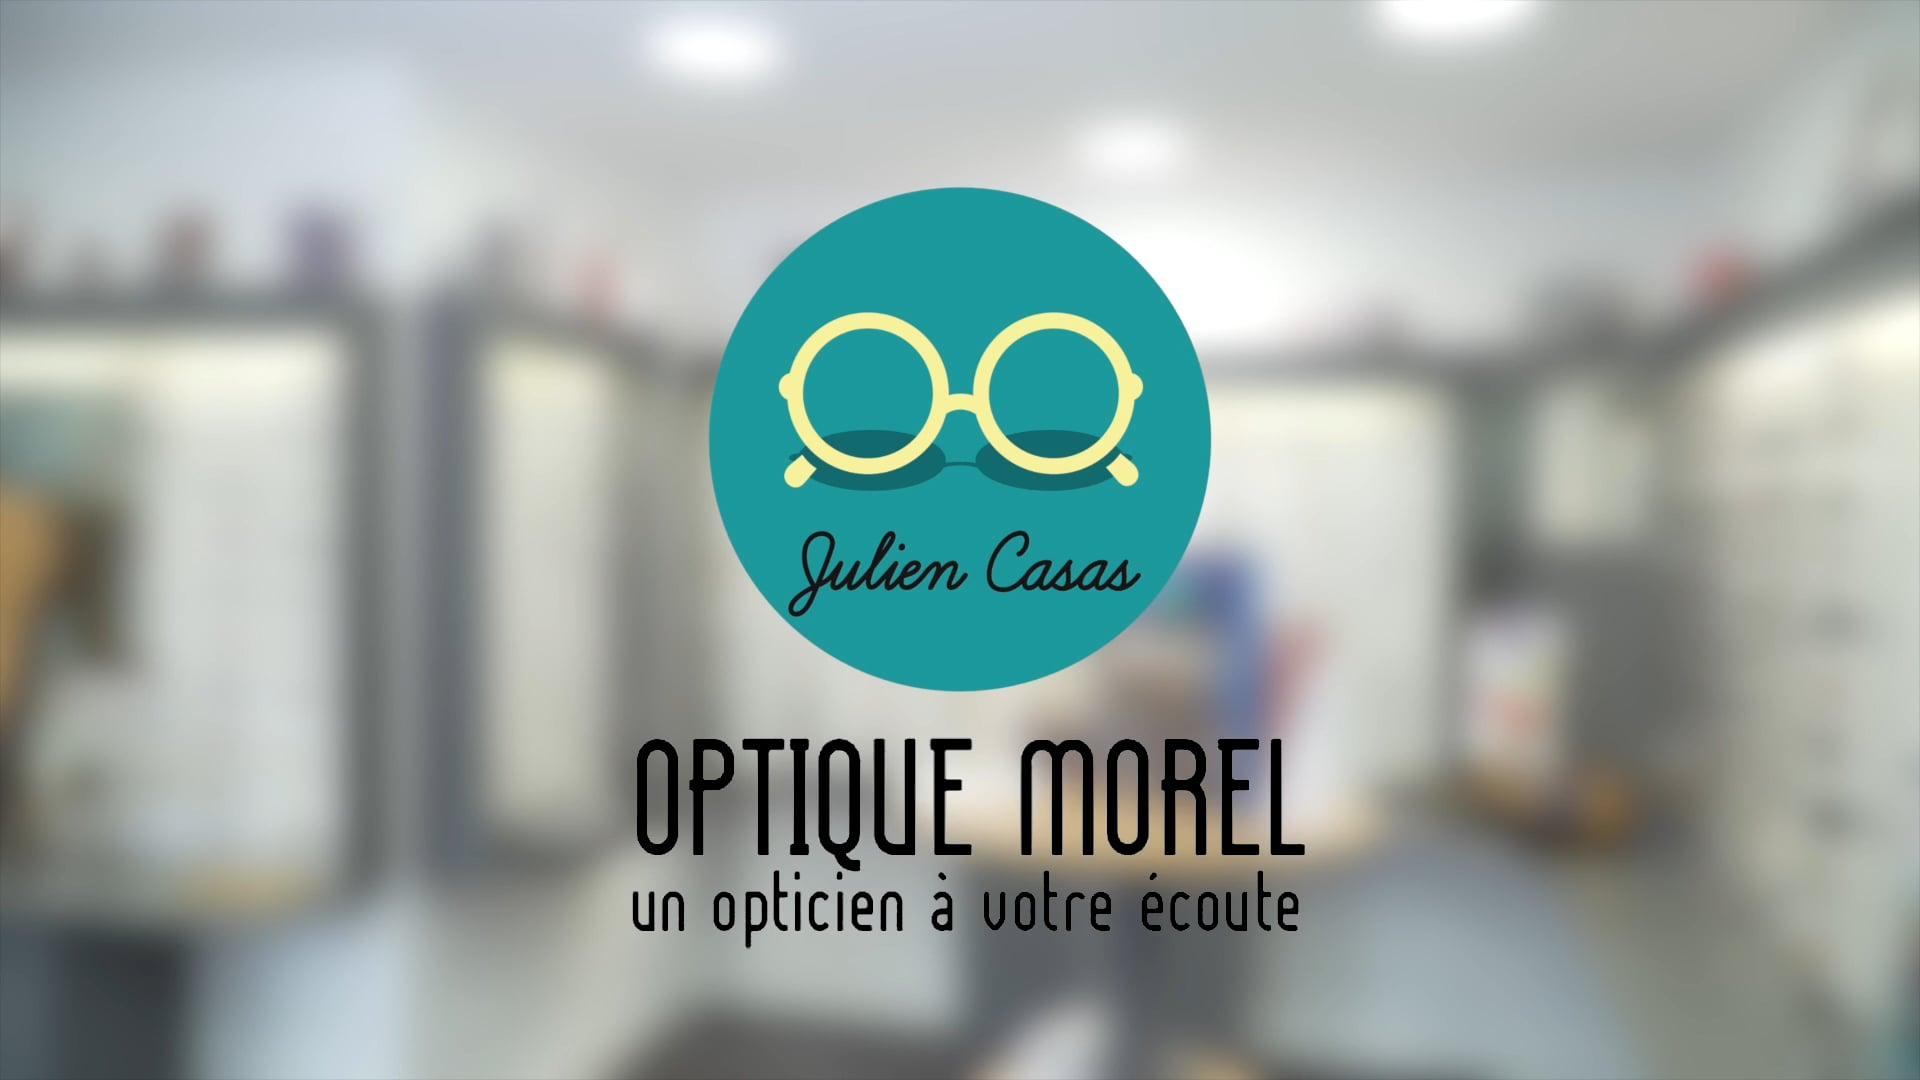 Optique morel